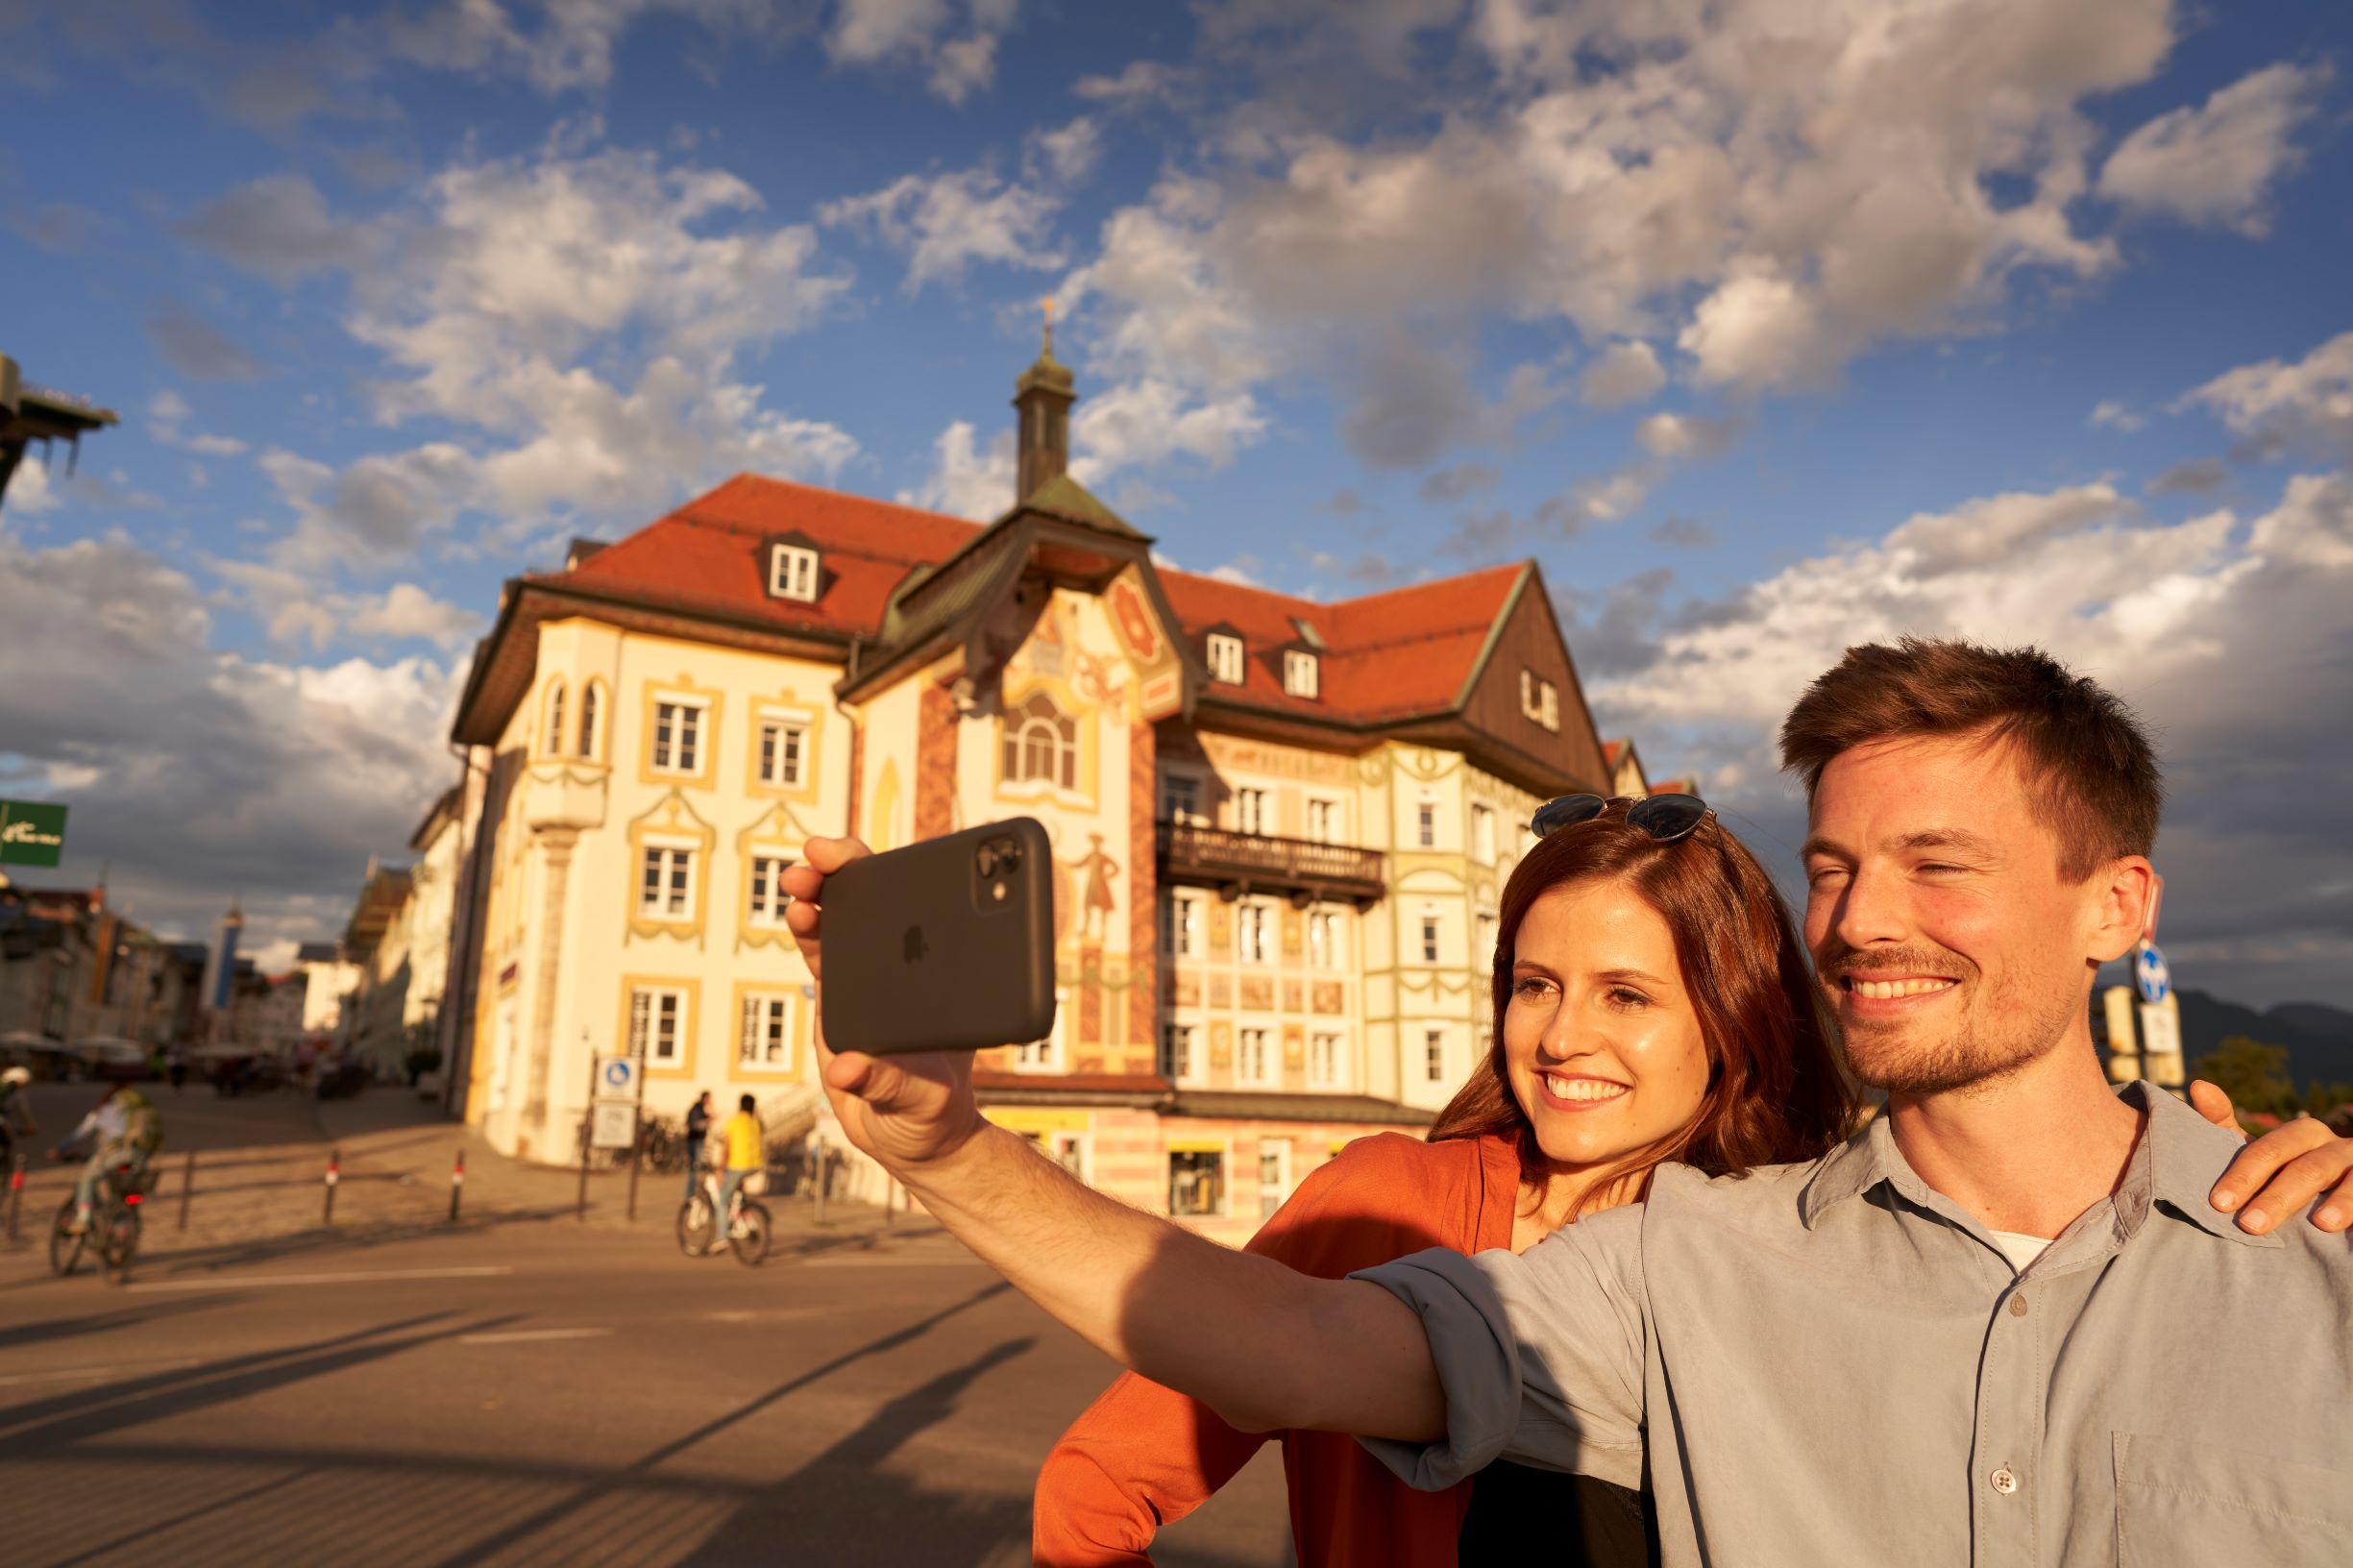 Pärchen mit Stadtbild Bad Tölz im Hintergrund